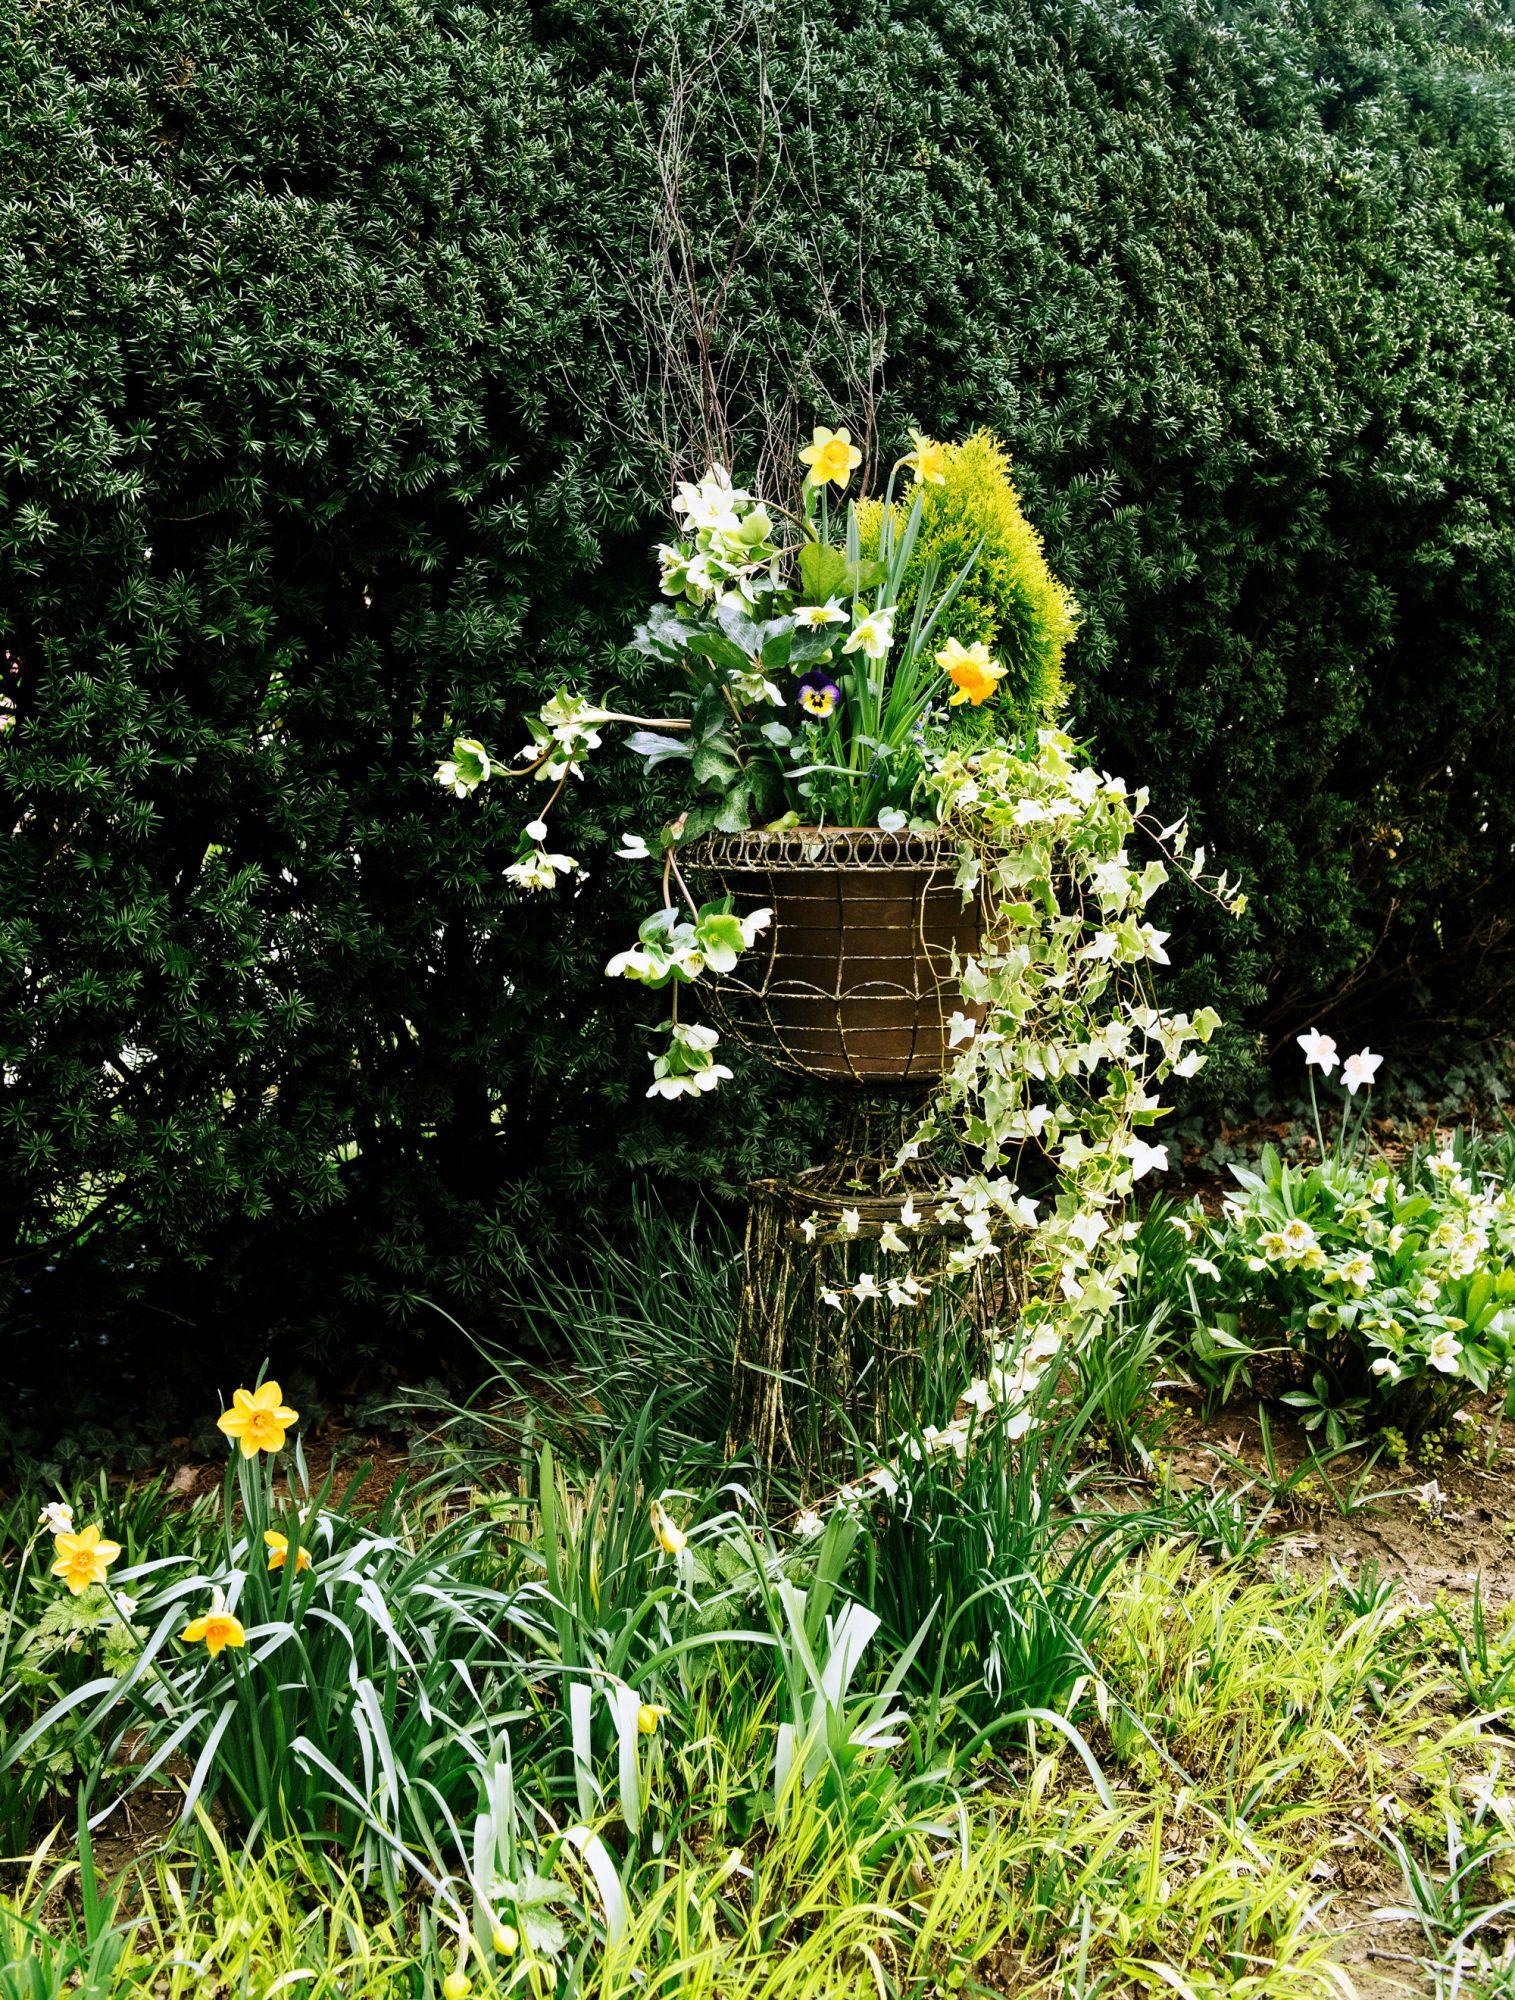 Daffodils in Ohio